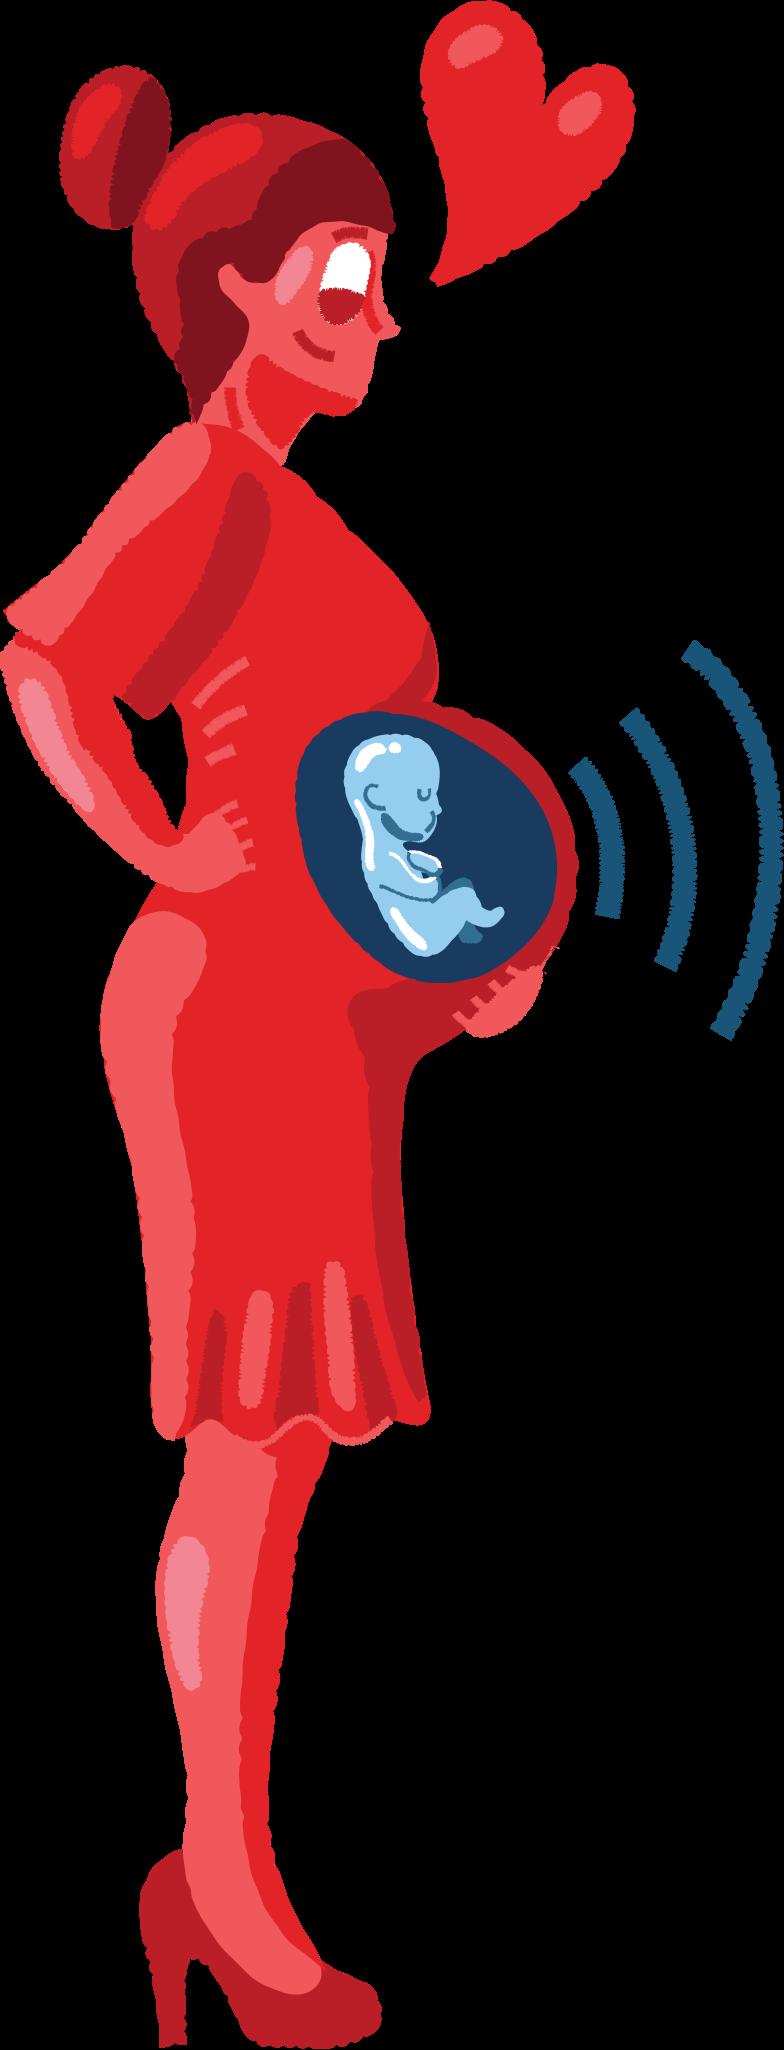 em breve Clipart illustration in PNG, SVG